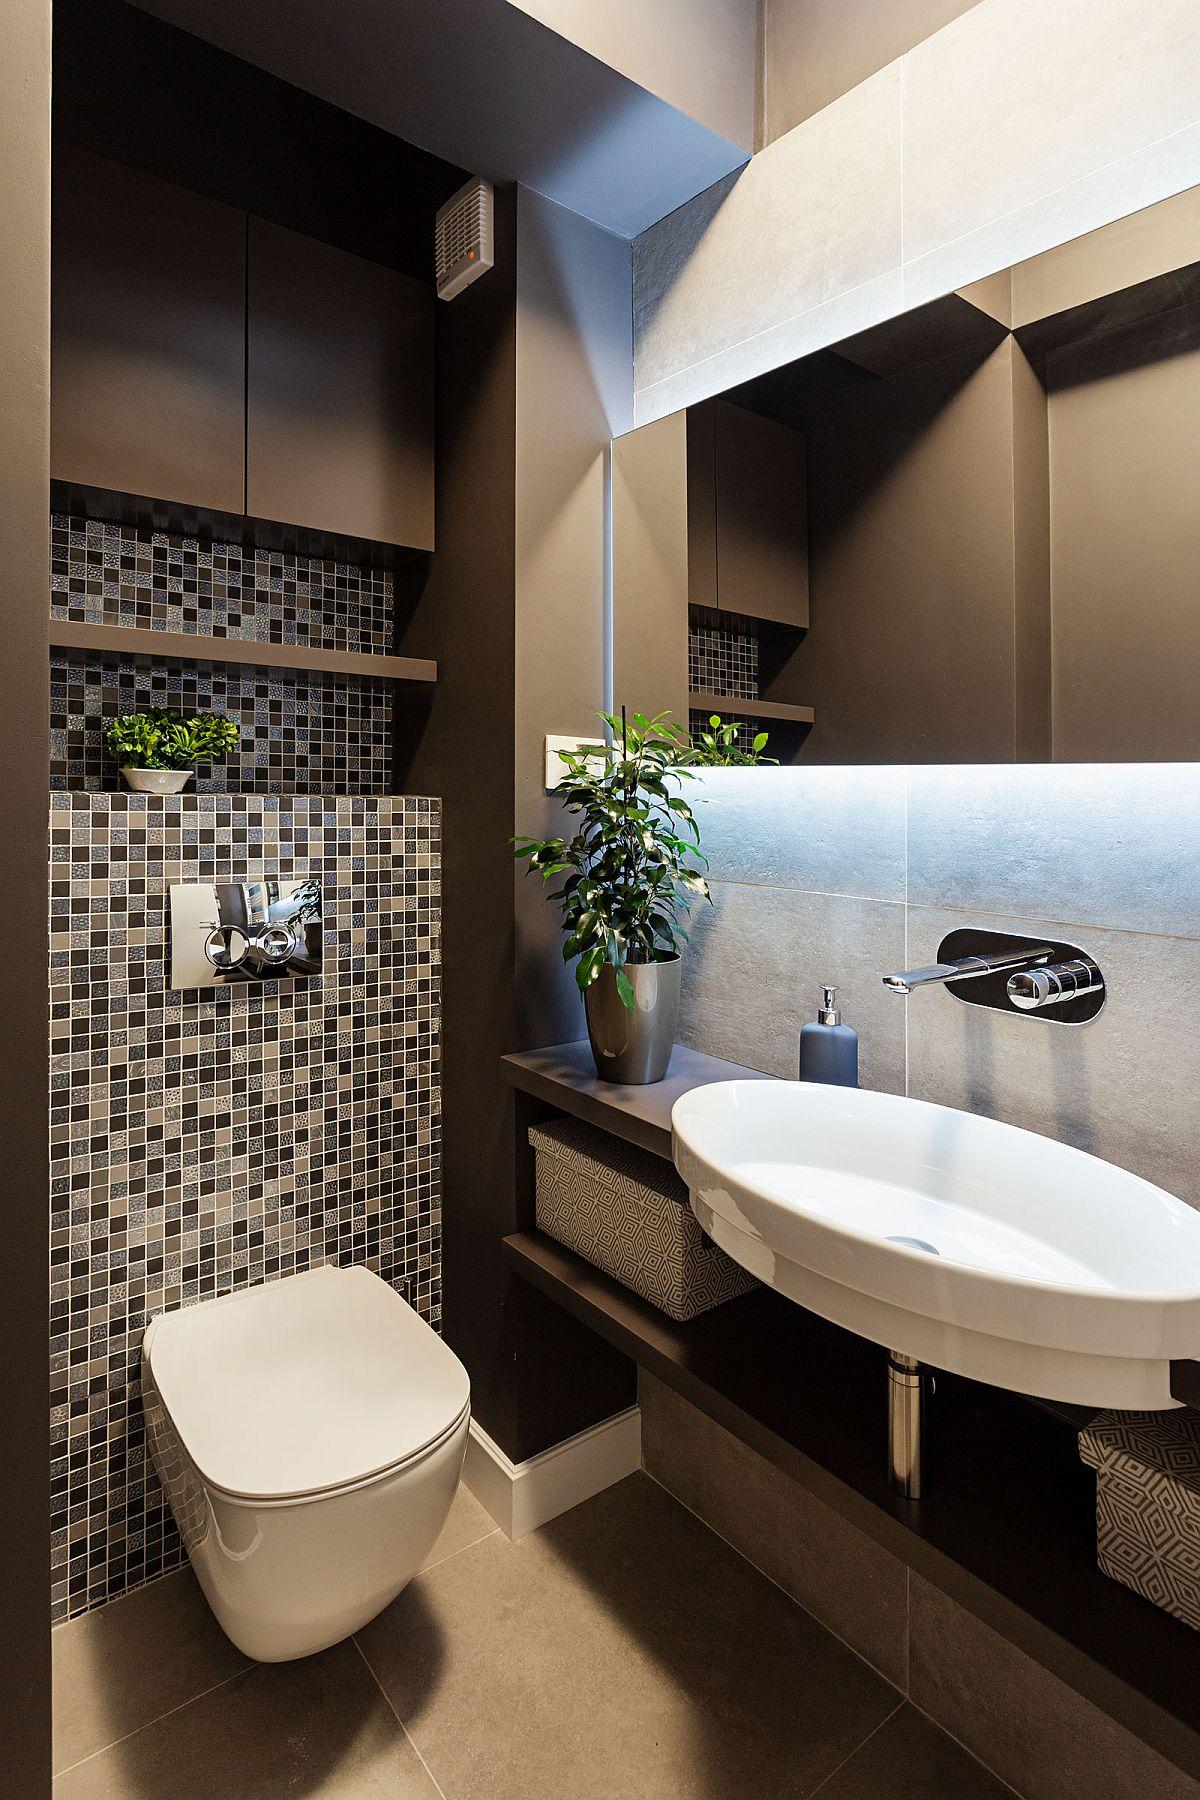 Baia de serviciu este un spațiu mici de circa 2,06 mp, dar cochet amenajat. Arhitecții au propus finisaje în nuanțe închise, care dau senzația de adâncime, deci păcălesc vizual asupra dimensiunilor reale, iar prin obiectele sanitare, în special lavoar au imprimat un plus de eleganță.